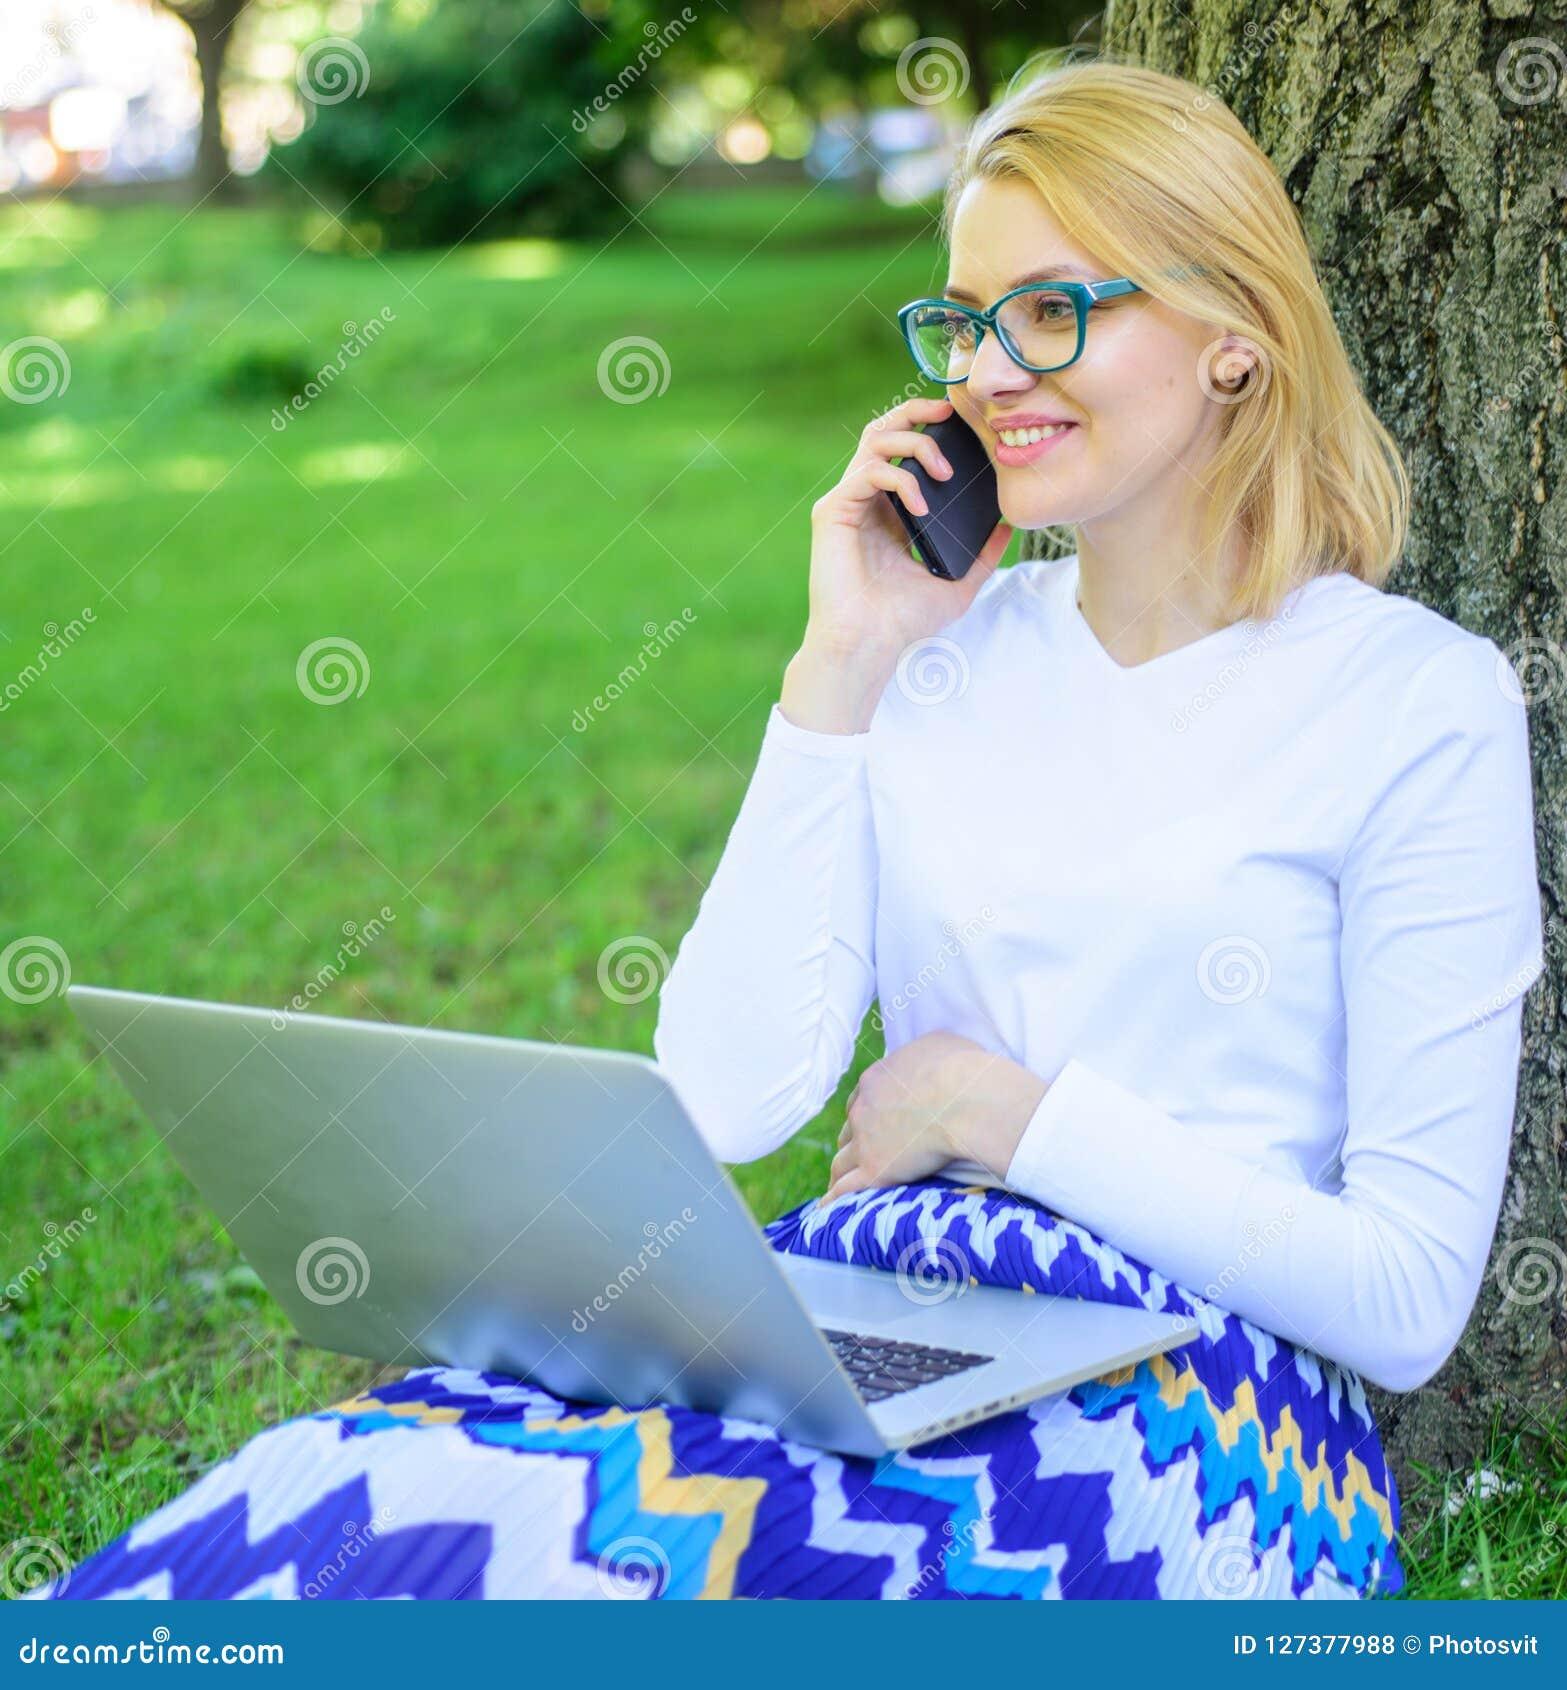 Order girl online